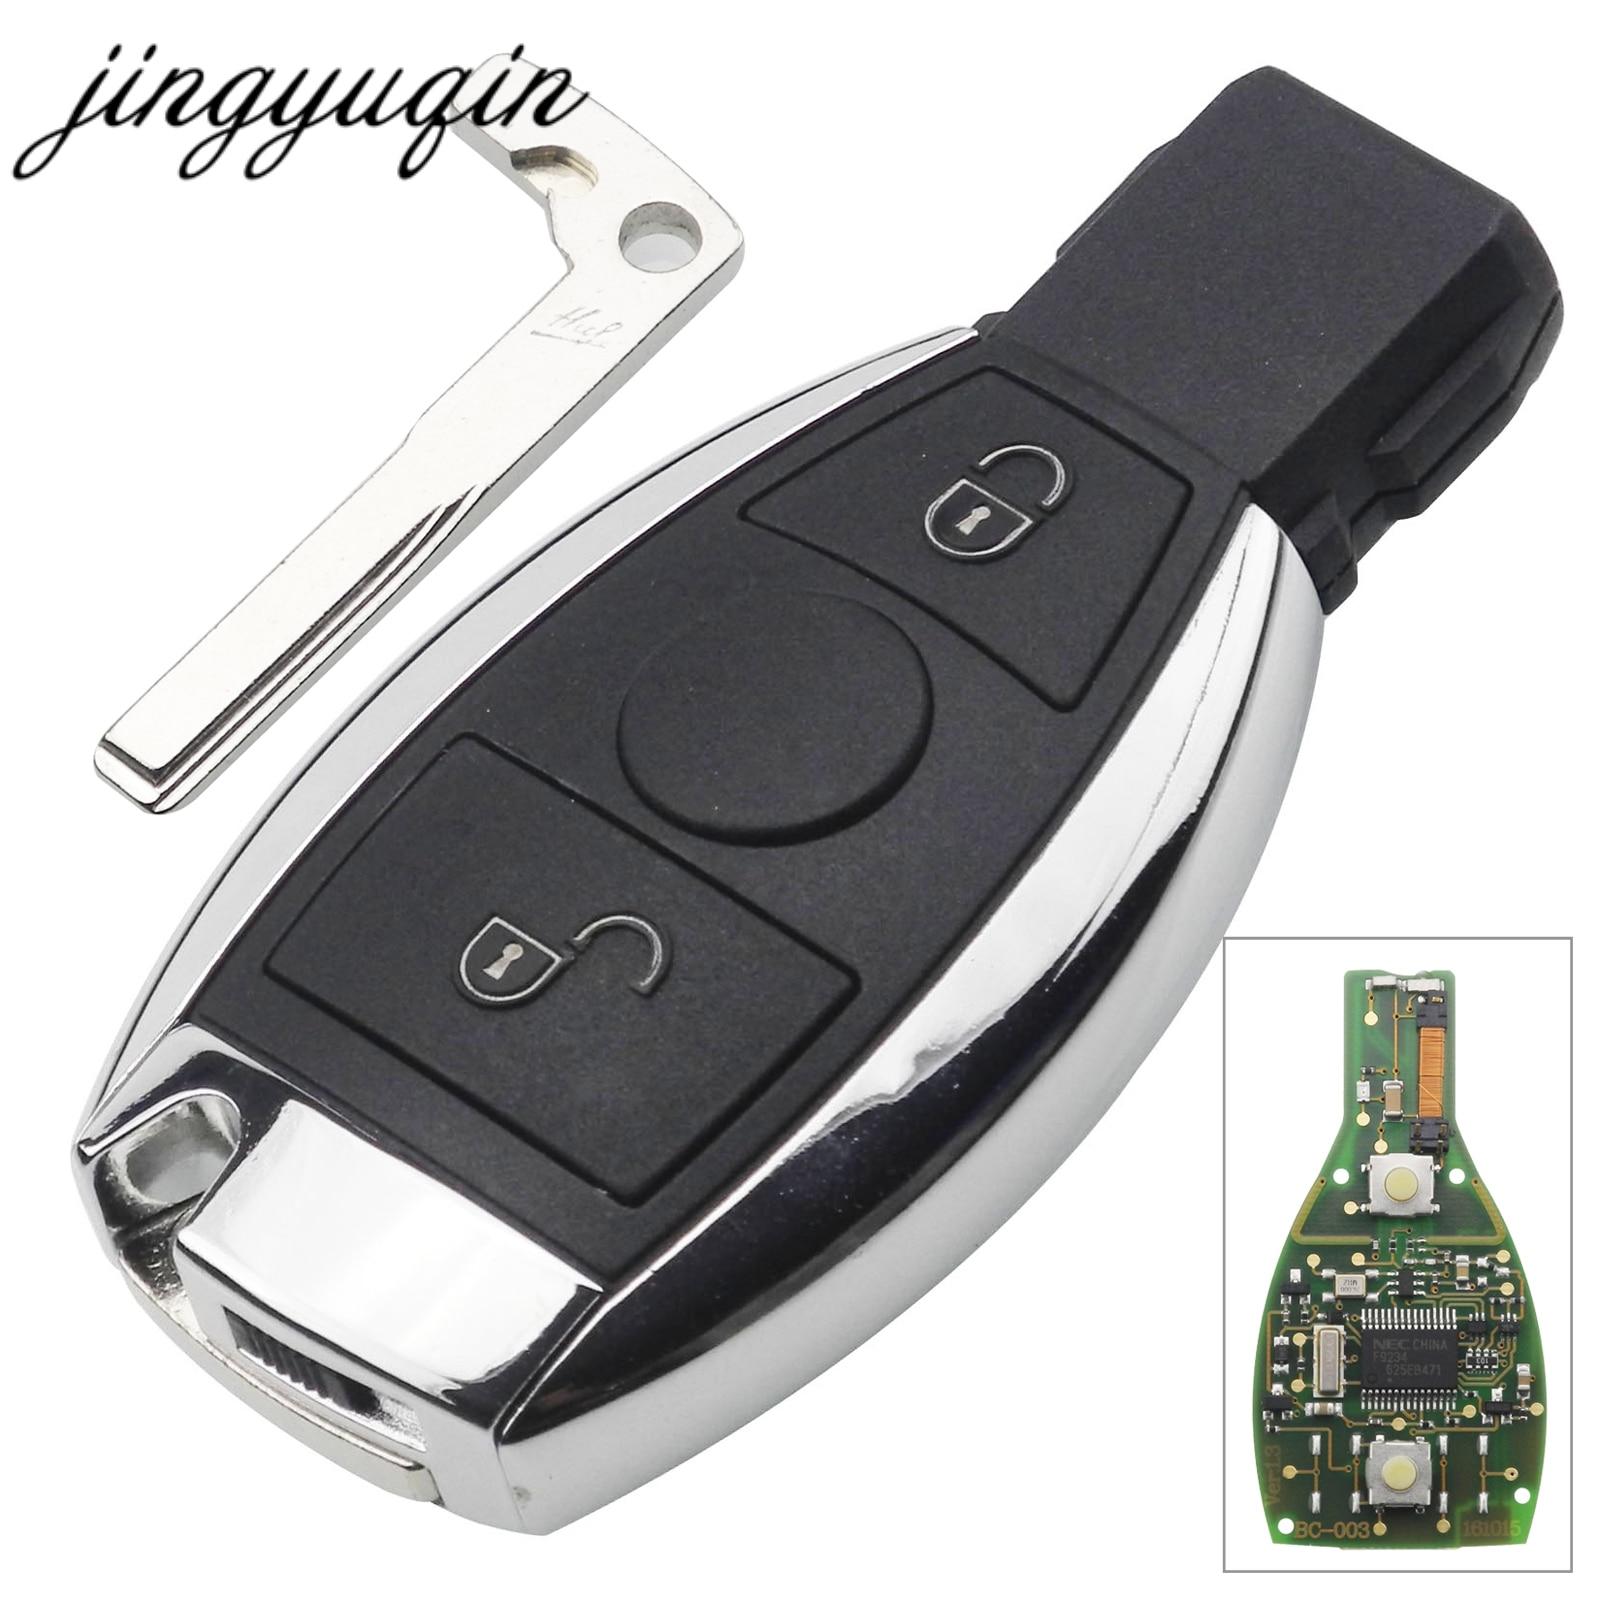 Jingyuqin BGA Style 2 Boutons D'entrée Sans Clé De Voiture À Distance Clé 433 mhz pour MB Mercedes pour BENZ E S Après 2000 Clé Fob Remplacement